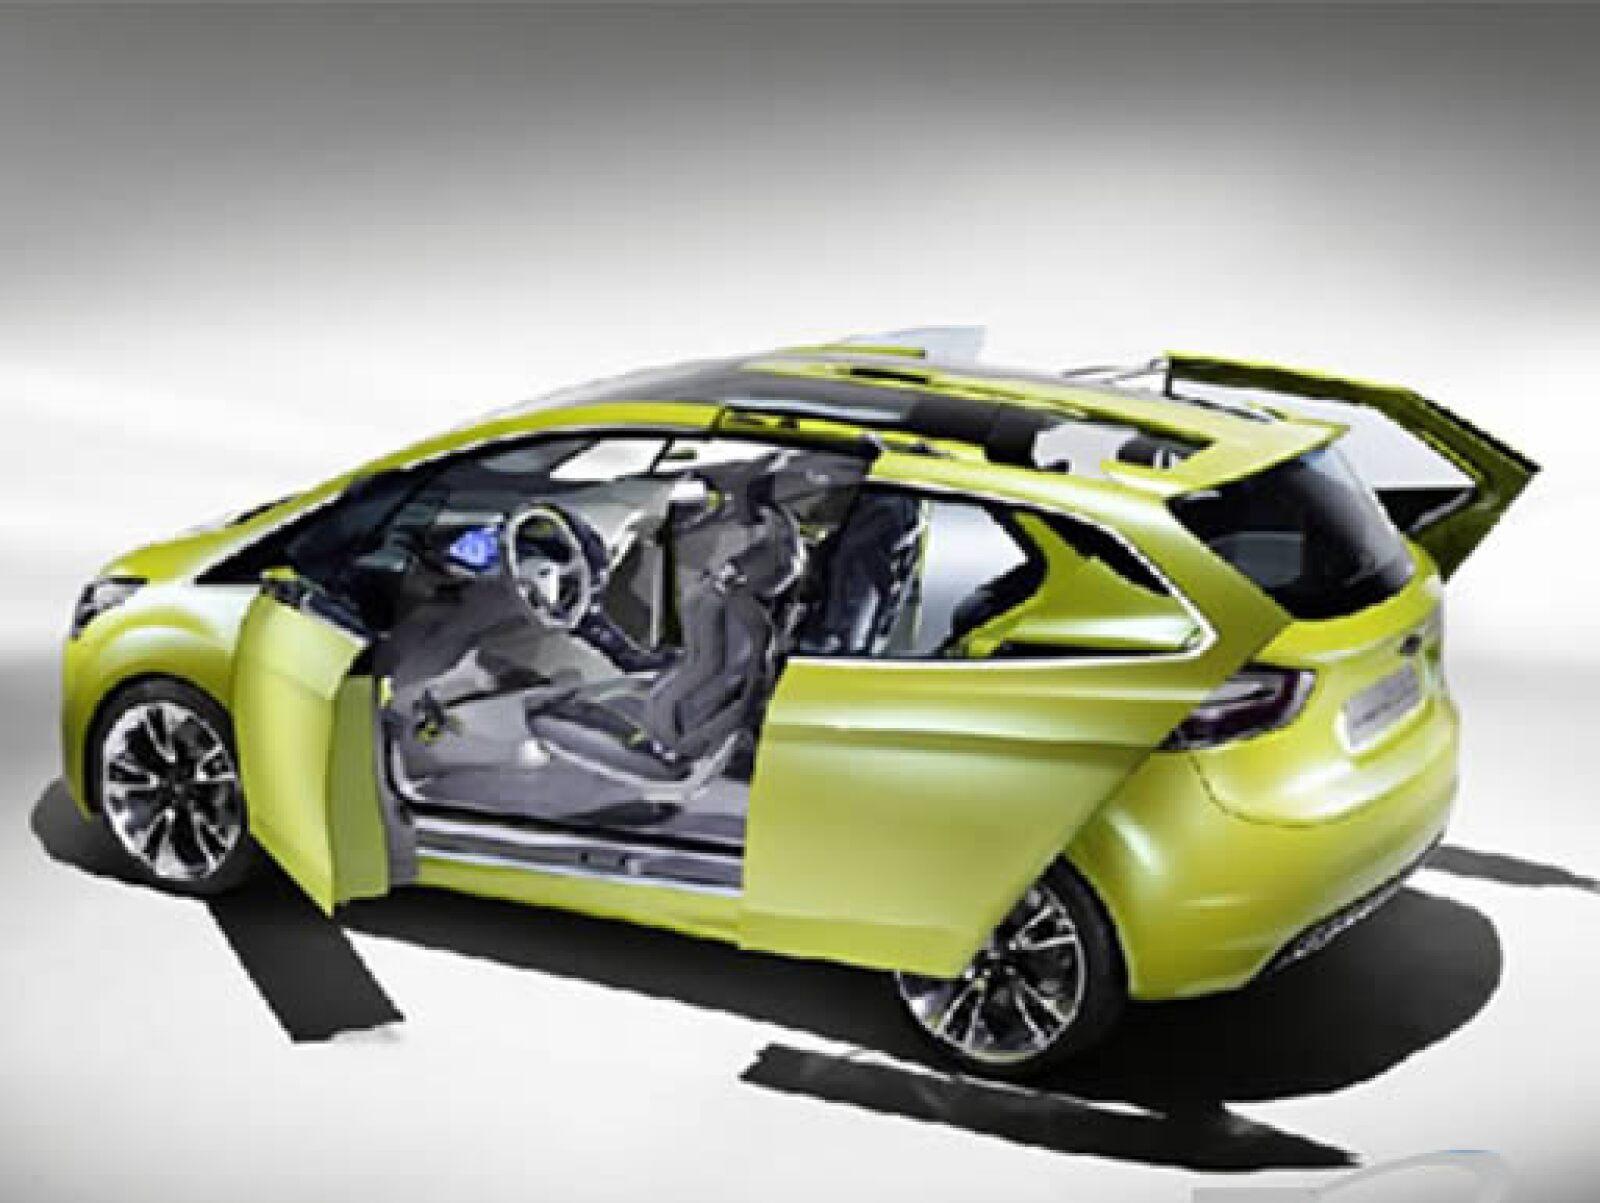 Loisis, develado en el AutoShow de Ginebra, será parte de los automóviles verdes.